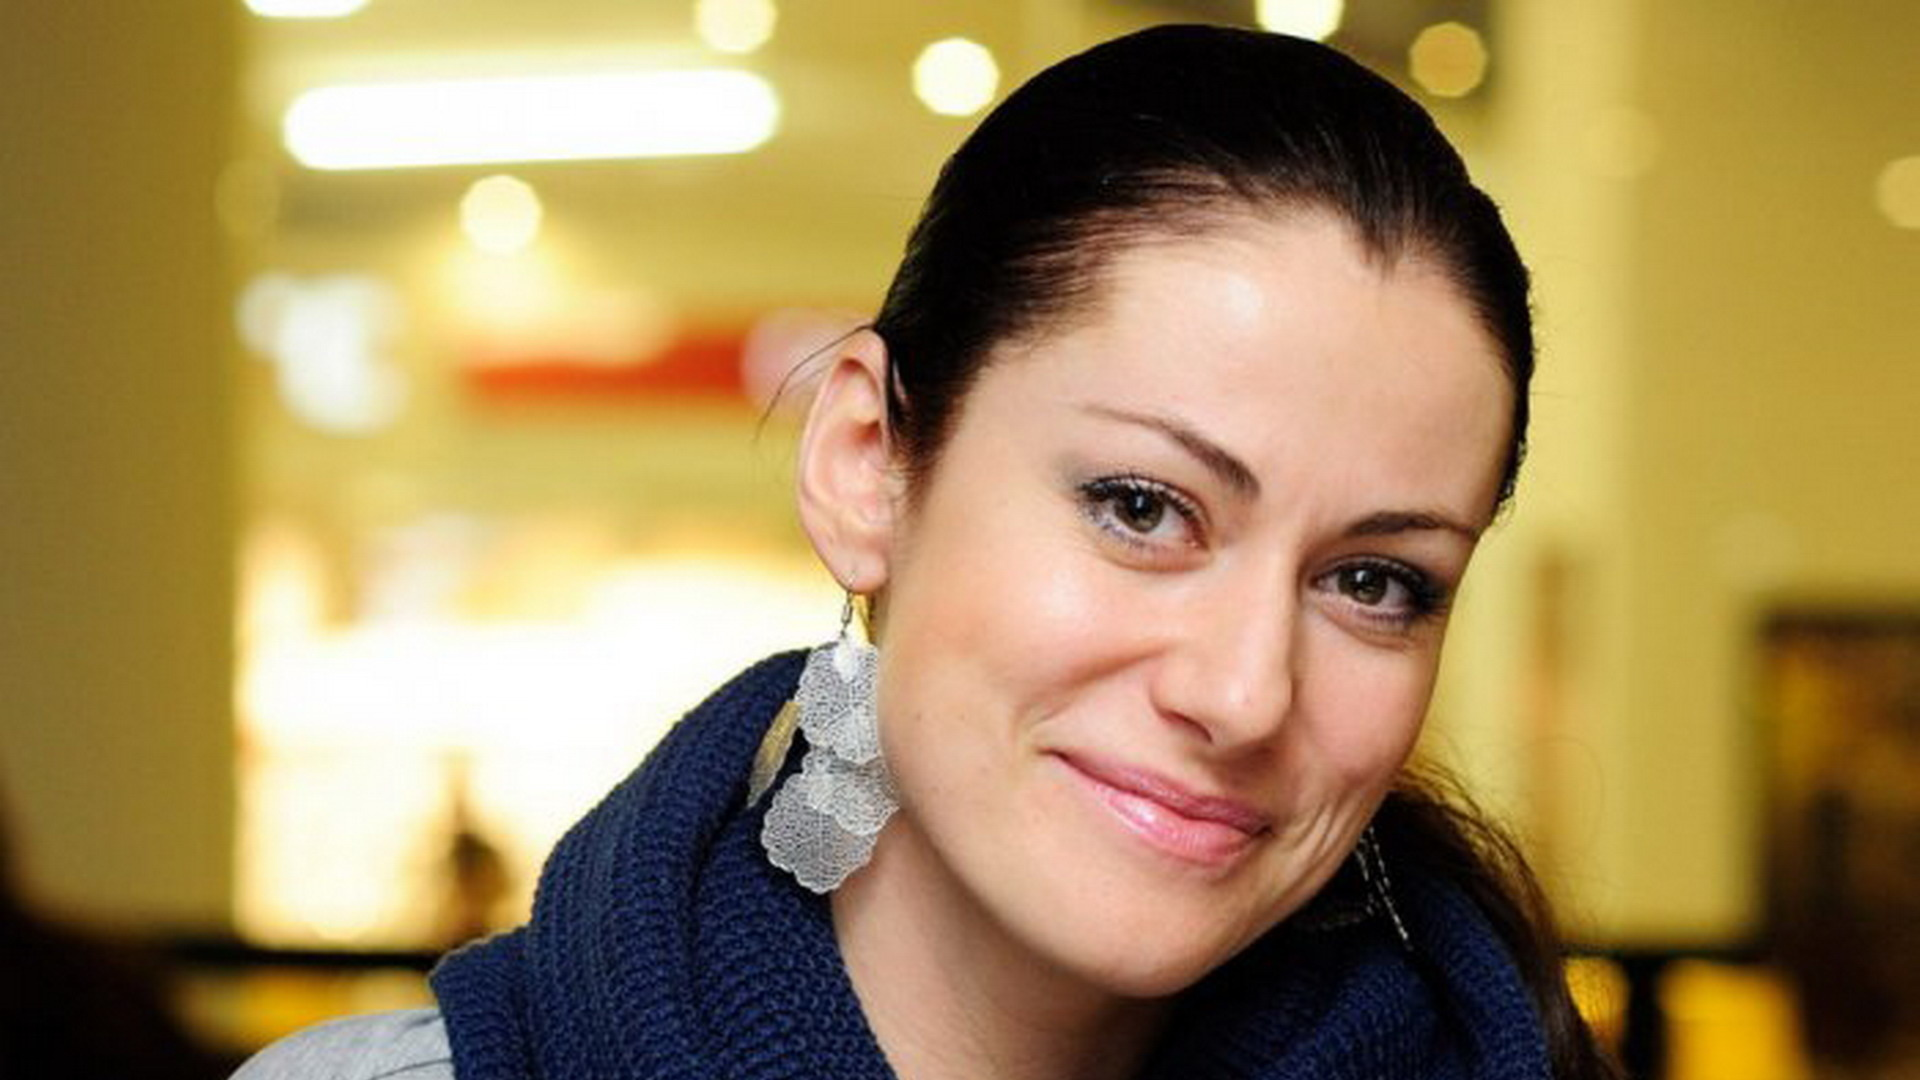 Фото актрис россии 18, Самые красивые актрисы России (Топ-30, фото) 17 фотография